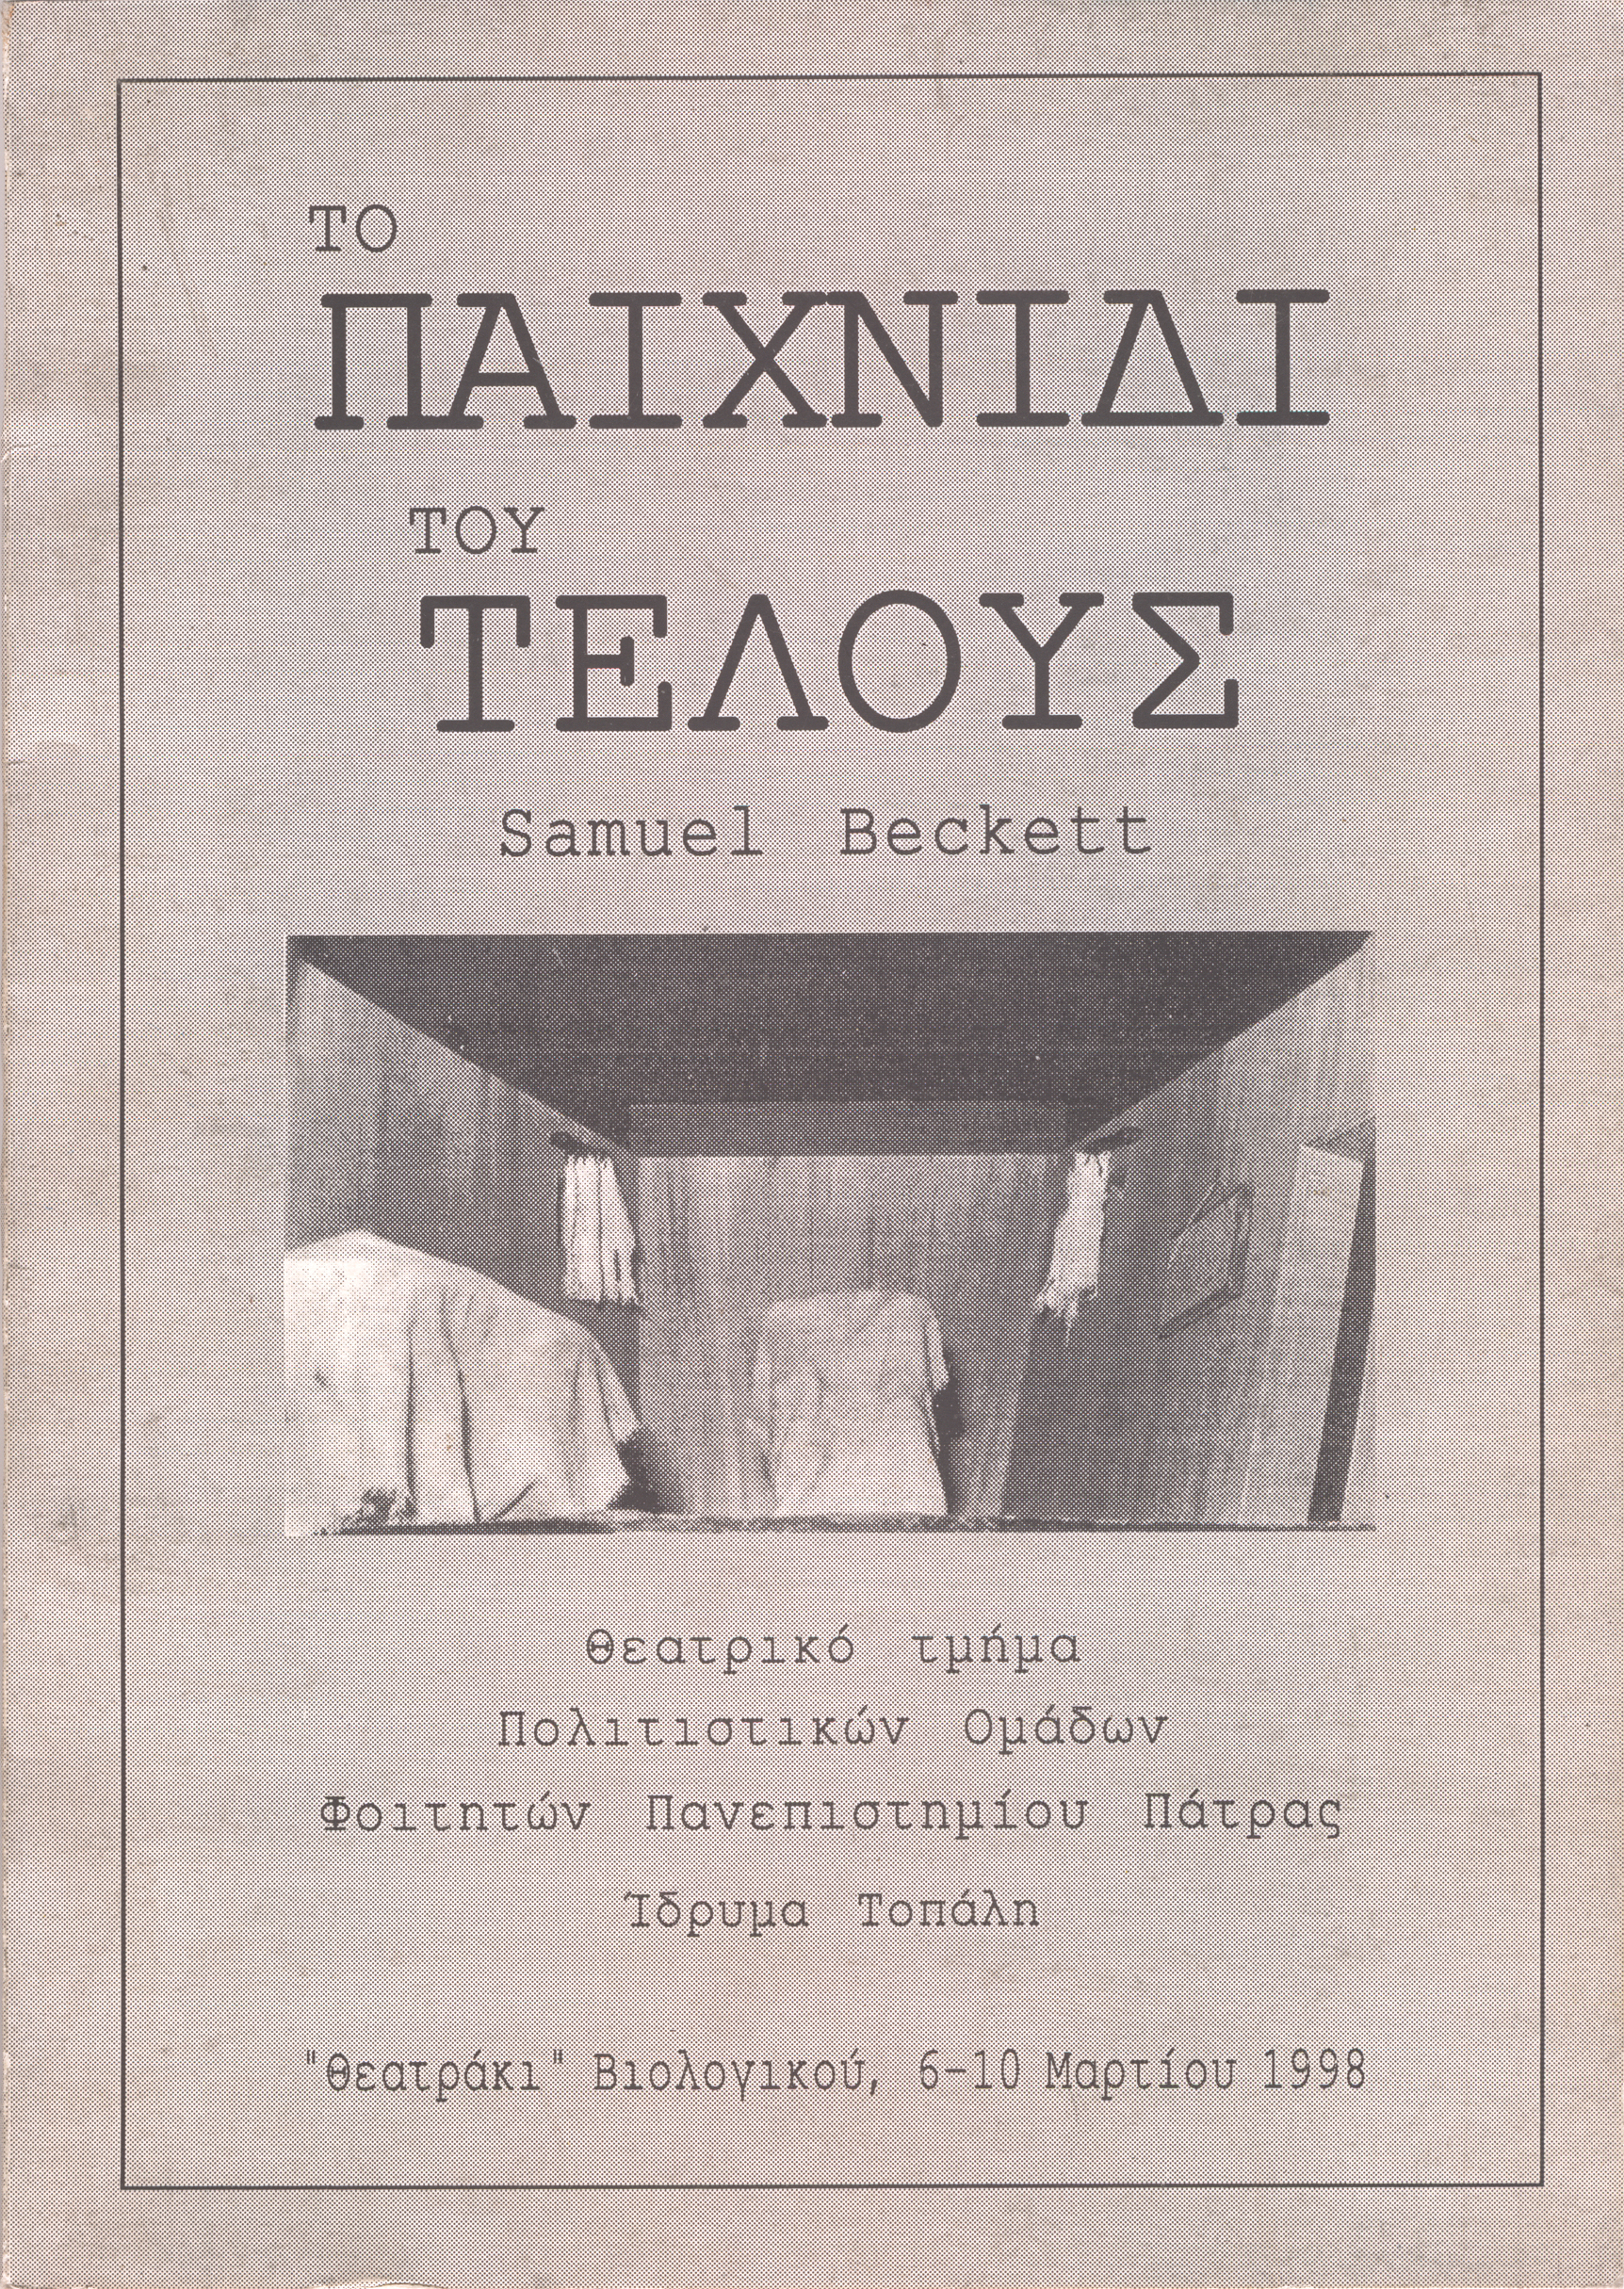 1998 Endgame by Samuel Beckett Program Front Cover.jpg